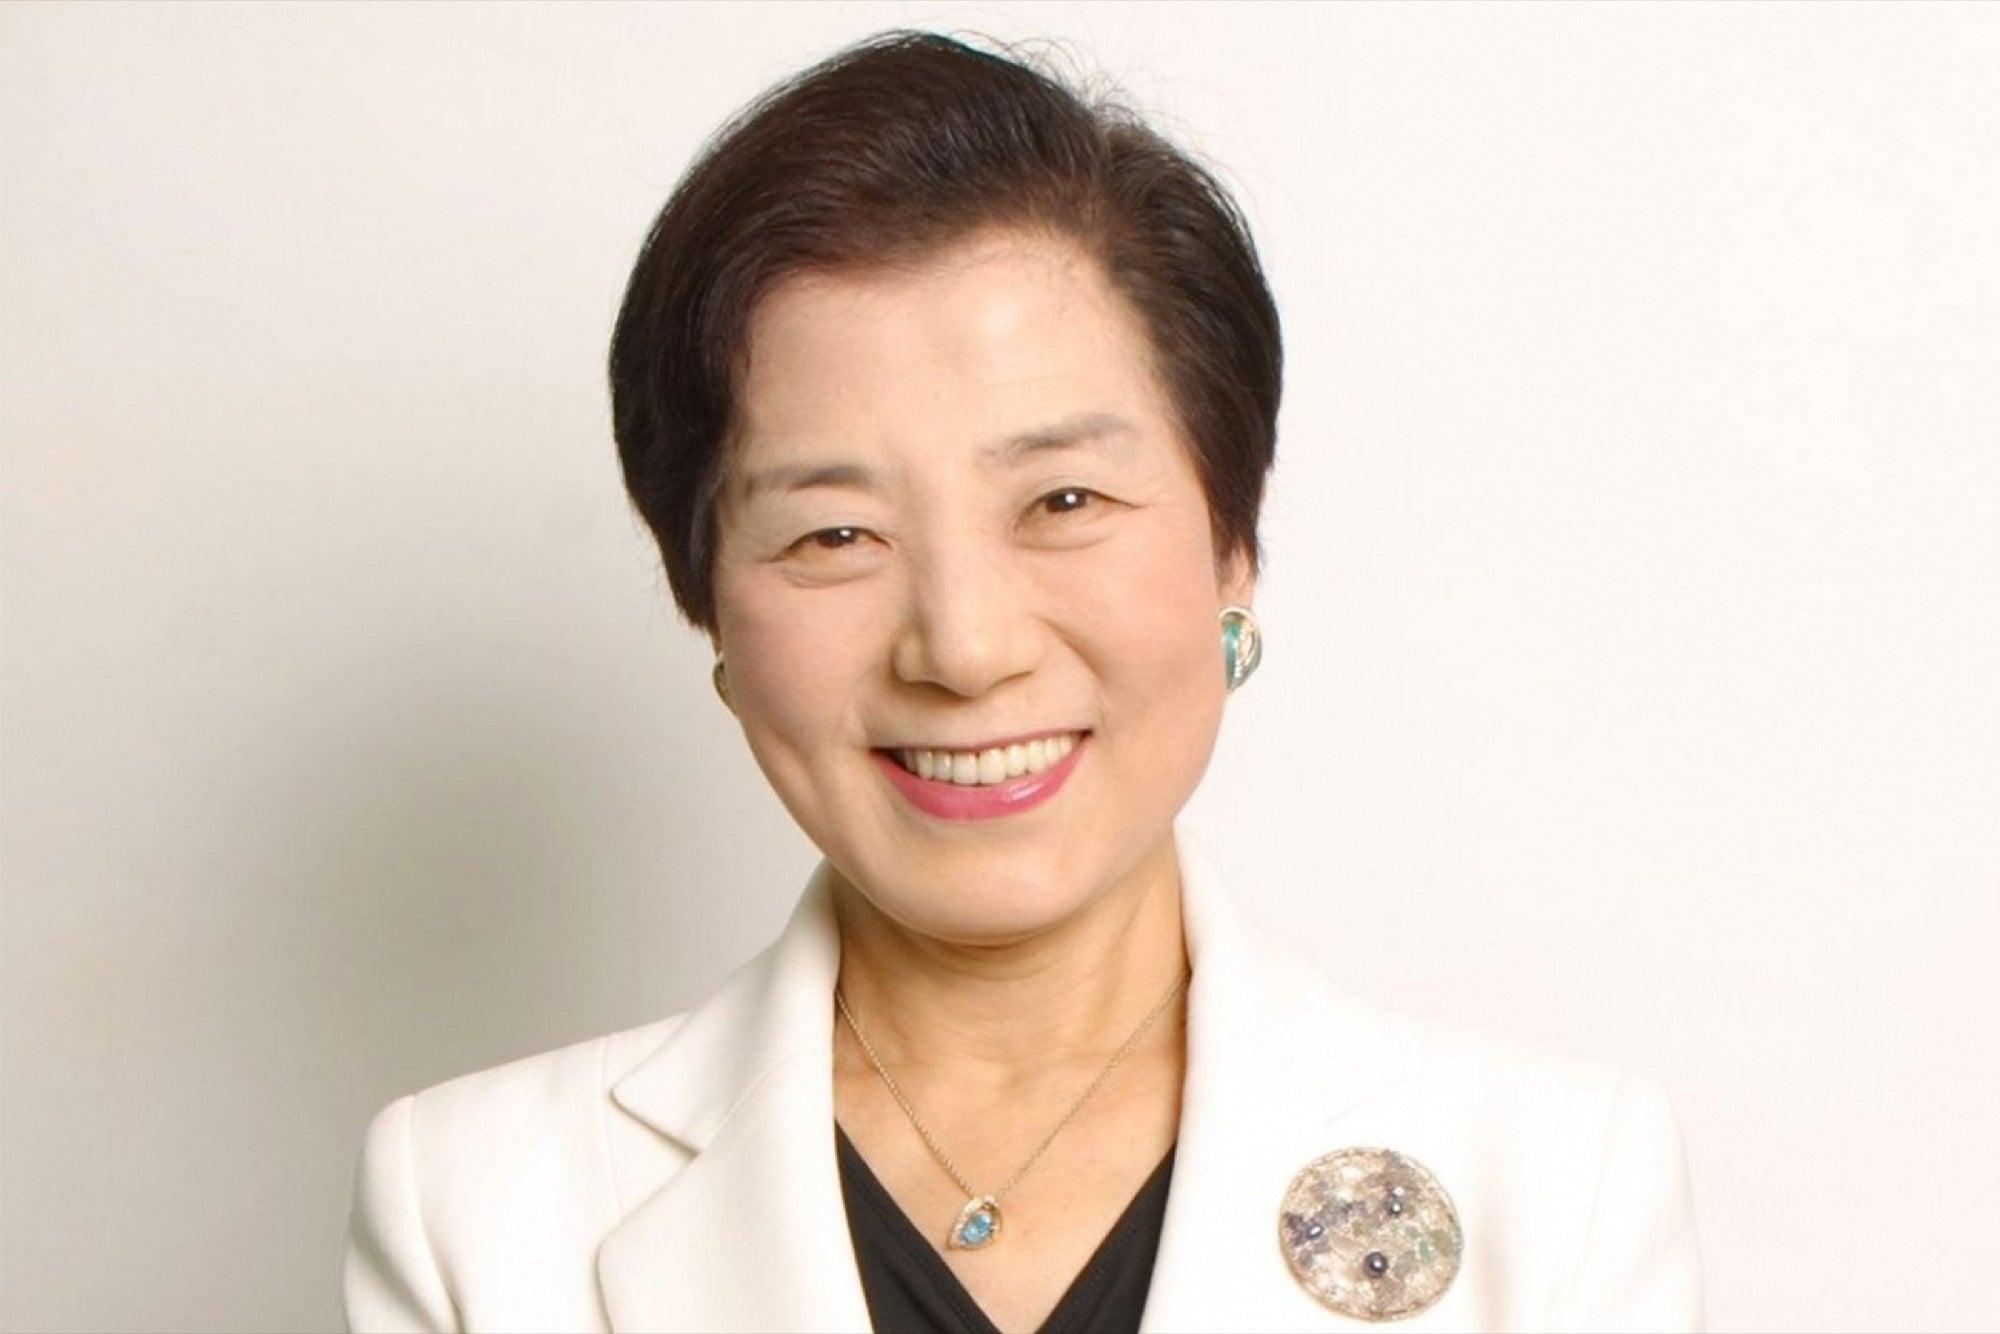 Chỉ học hết phổ thông và sớm ly hôn, người phụ nữ trở thành tỷ phú USD tự thân đầu tiên của Nhật với 5 bí quyết đáng ngưỡng mộ - Ảnh 2.